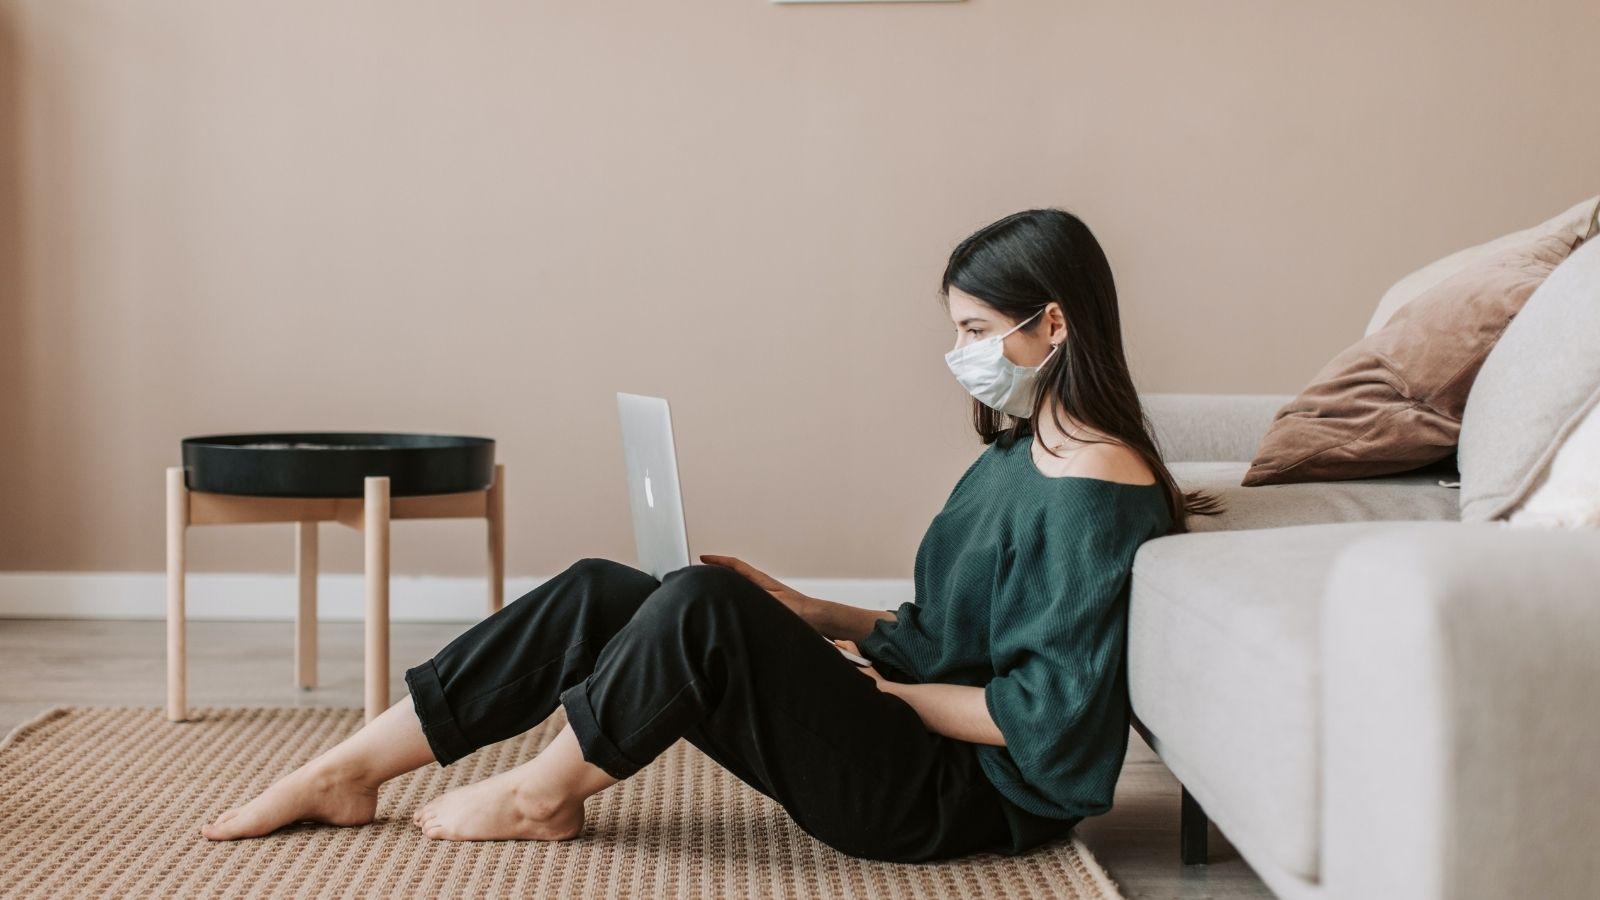 Miliony miejsc pracy nie wrócą po zakończeniu pandemii! pandemia mediarun praca pandemia